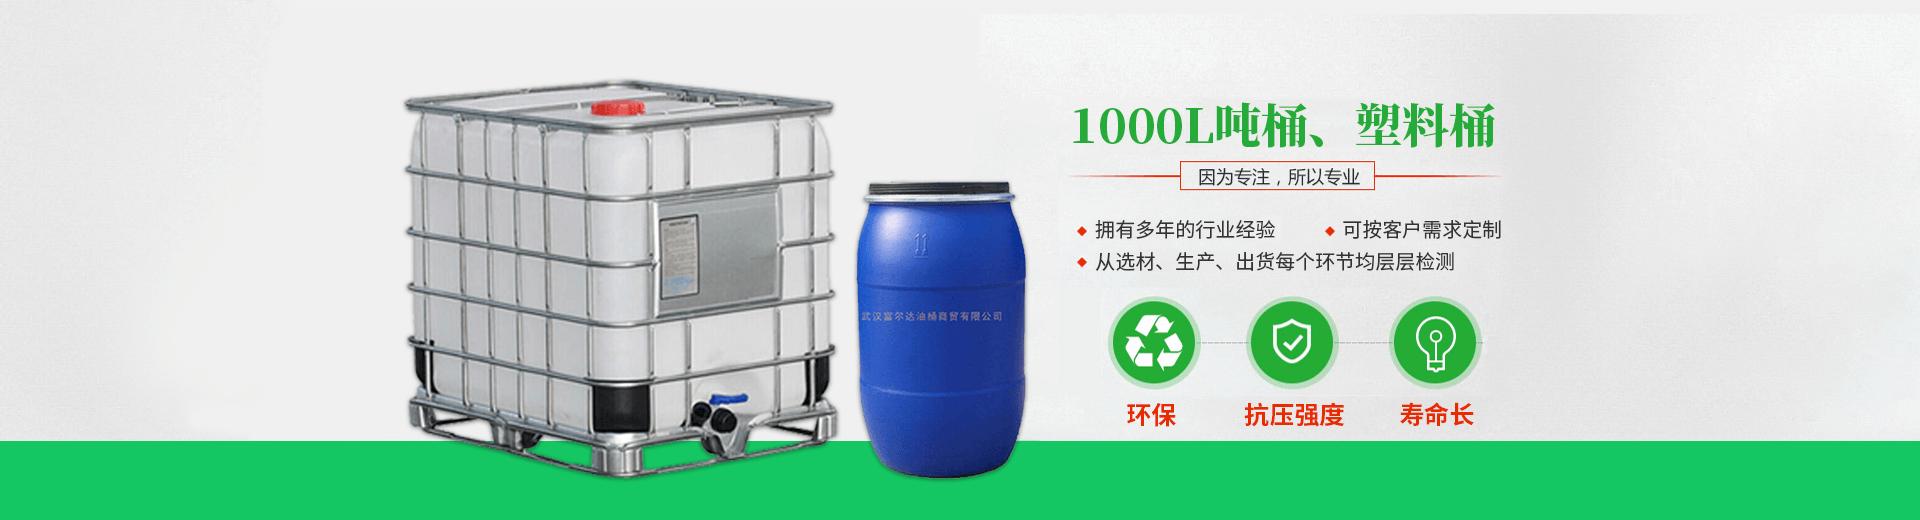 武汉吨桶厂